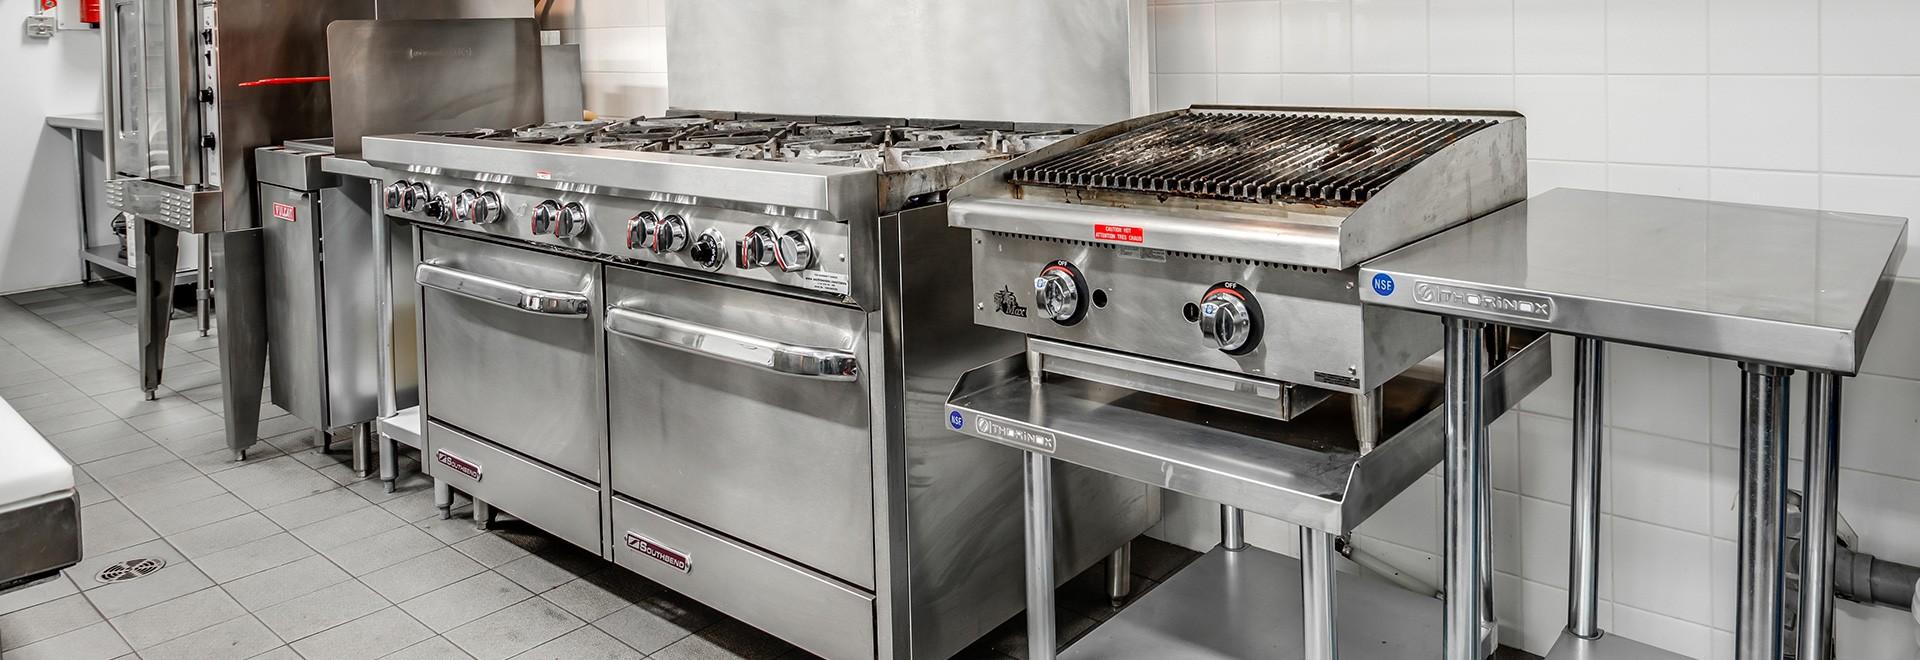 Cuisinières au gaz et électriques de calibre commercial